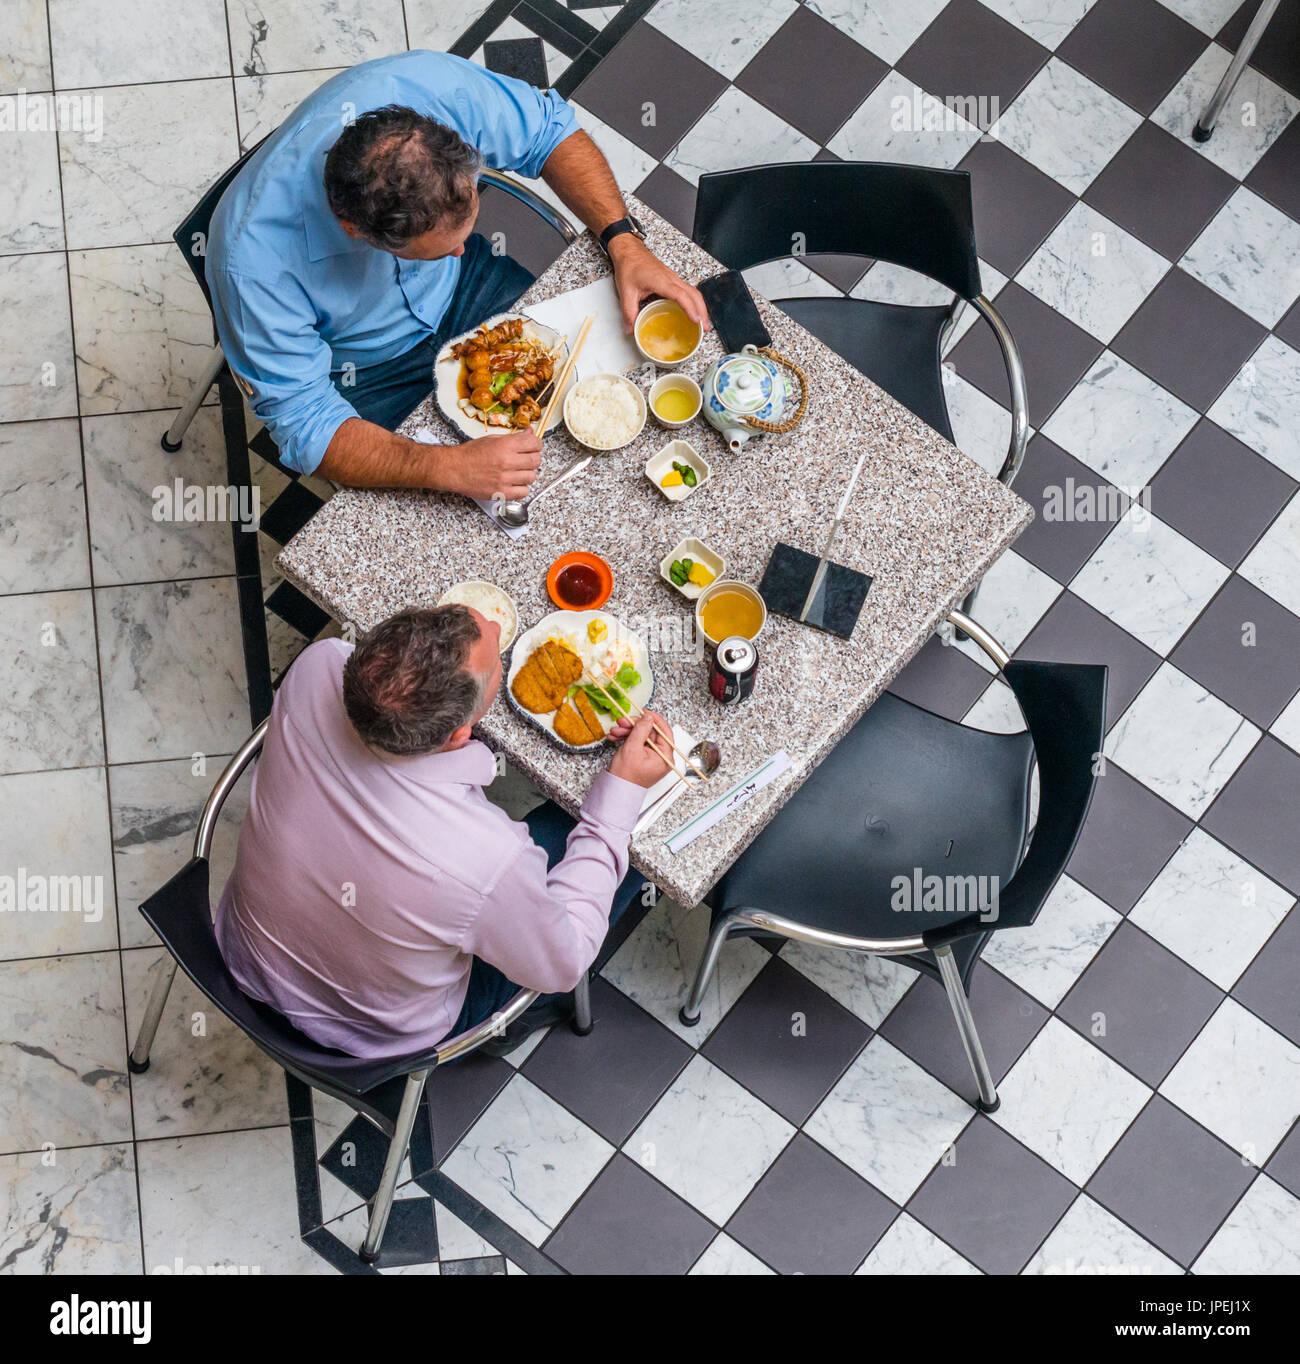 Luftaufnahme von zwei Männern im Café in Adelaide Arcade. South Australia. Stockbild